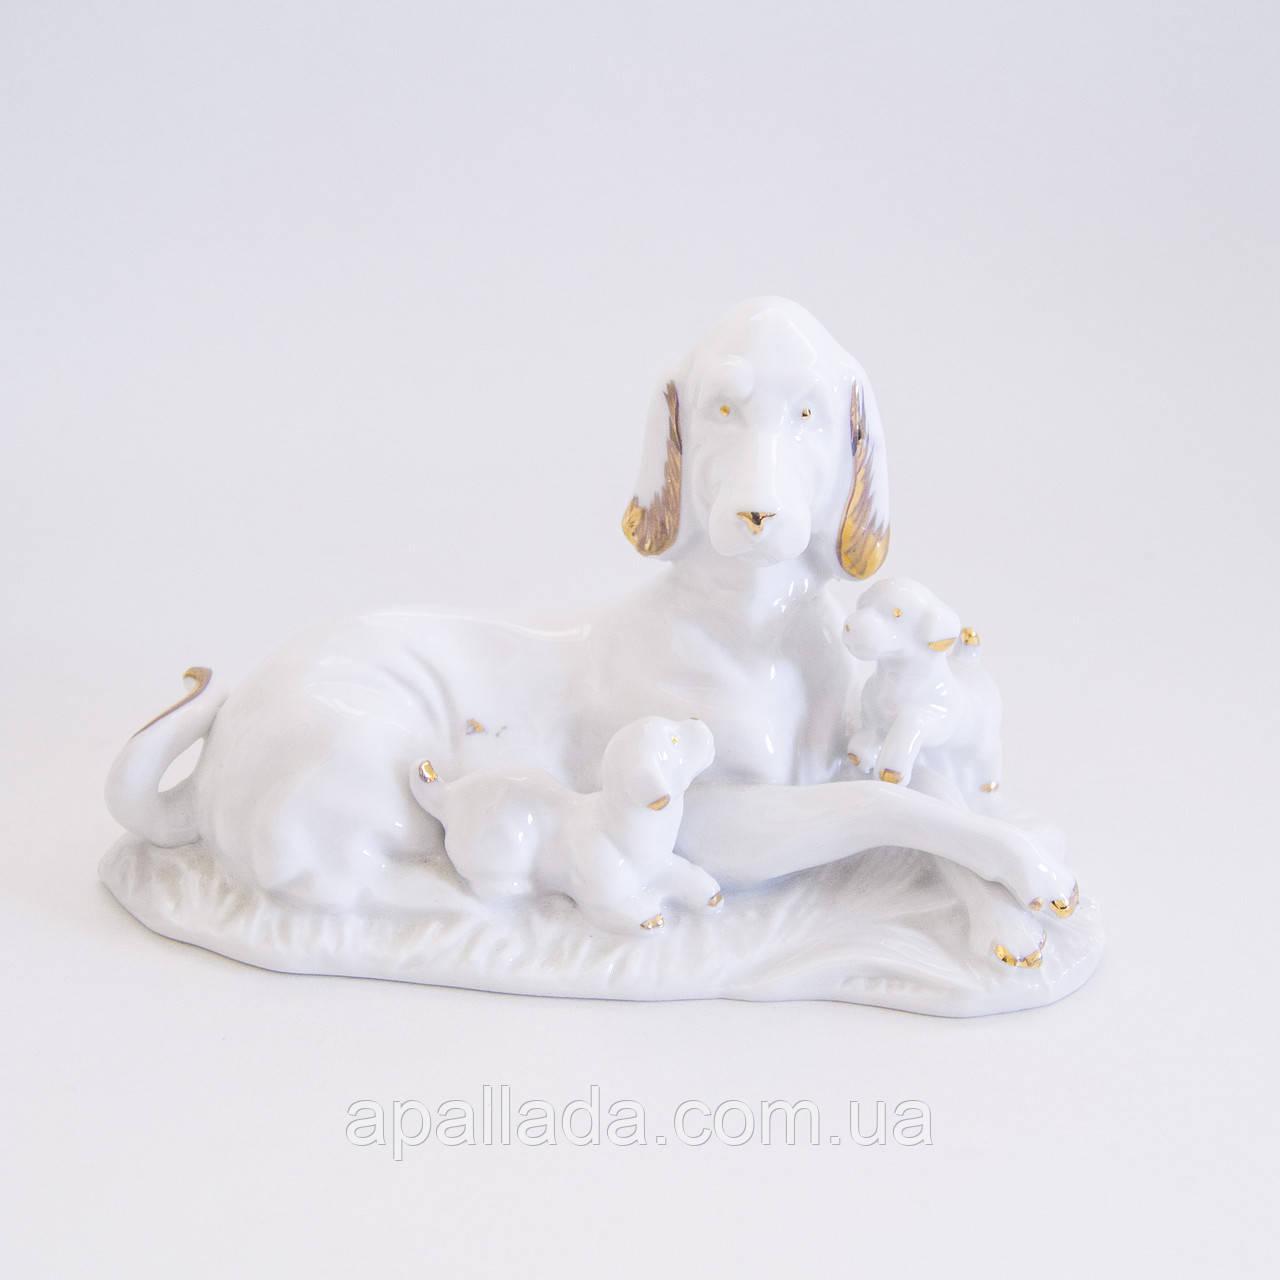 Статуетка Собачки 9,5*17 см